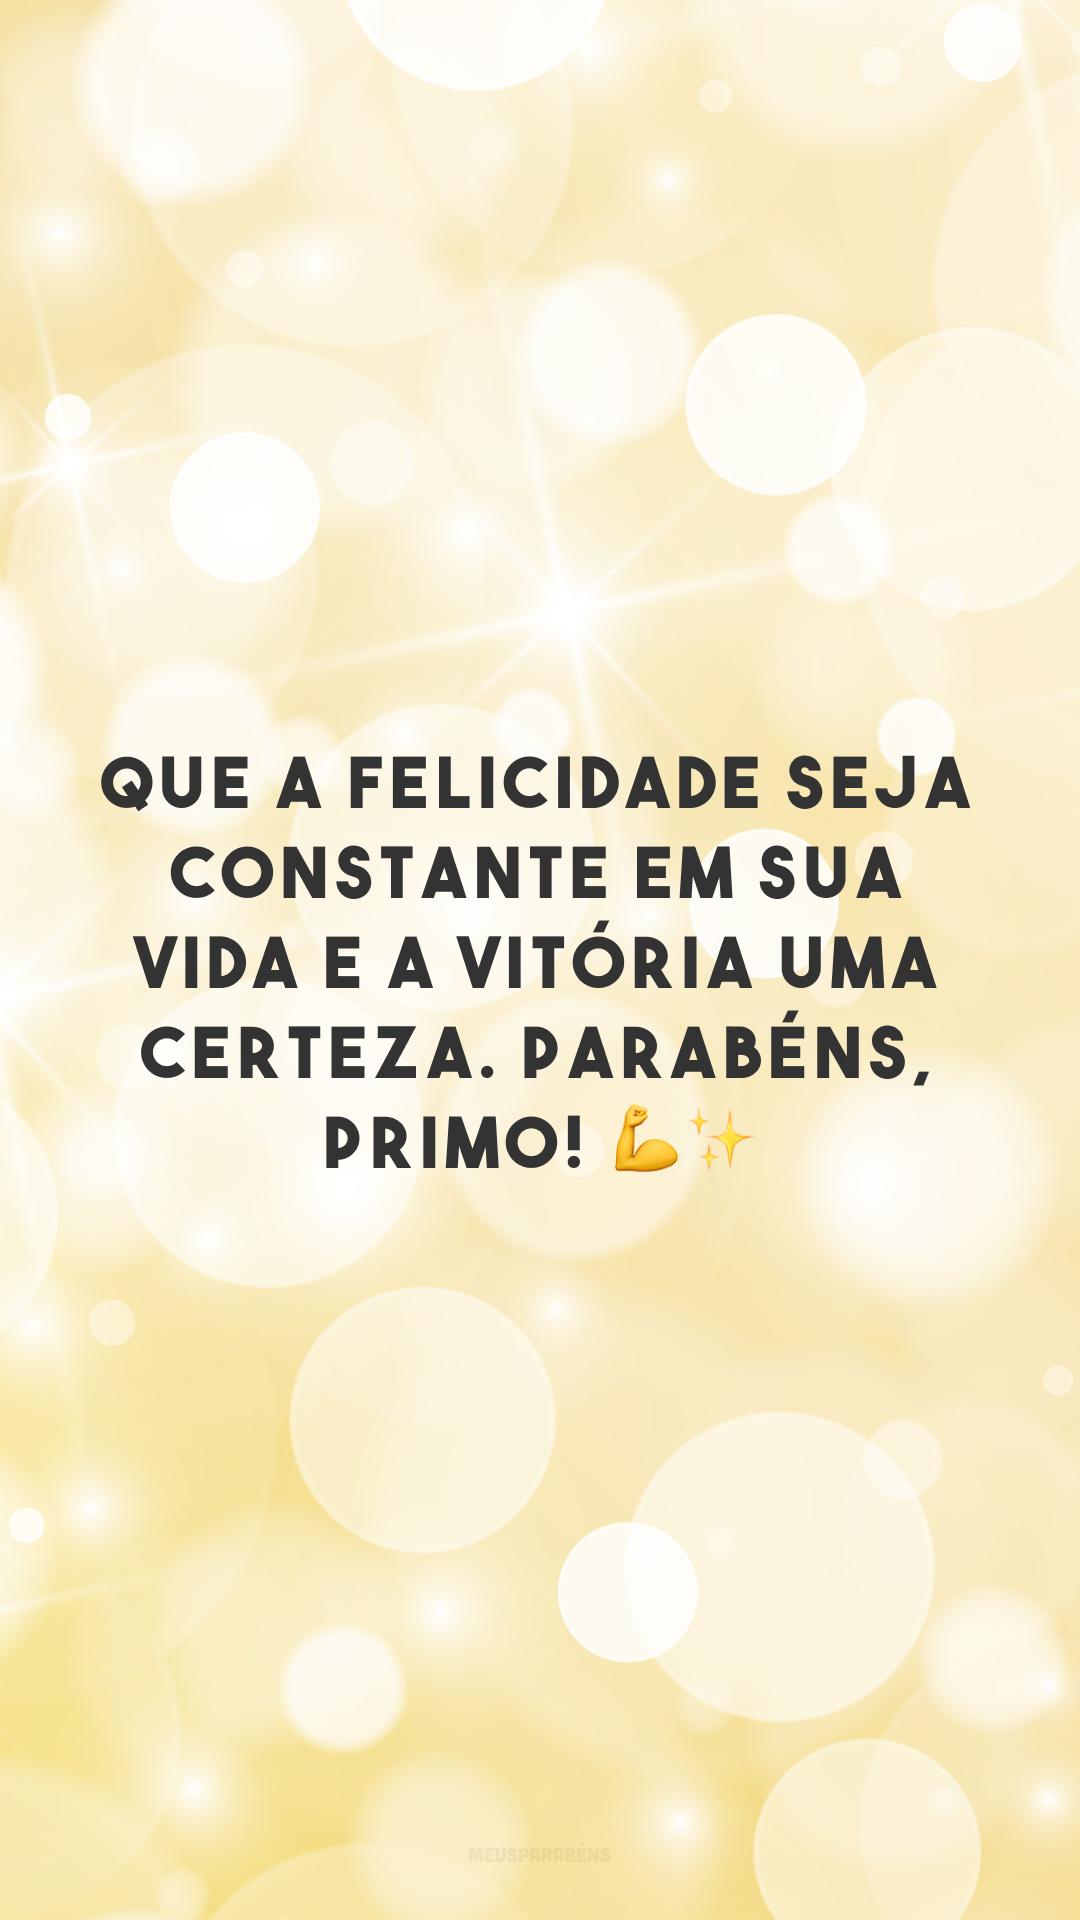 Que a felicidade seja constante em sua vida e a vitória uma certeza. Parabéns, primo! 💪✨